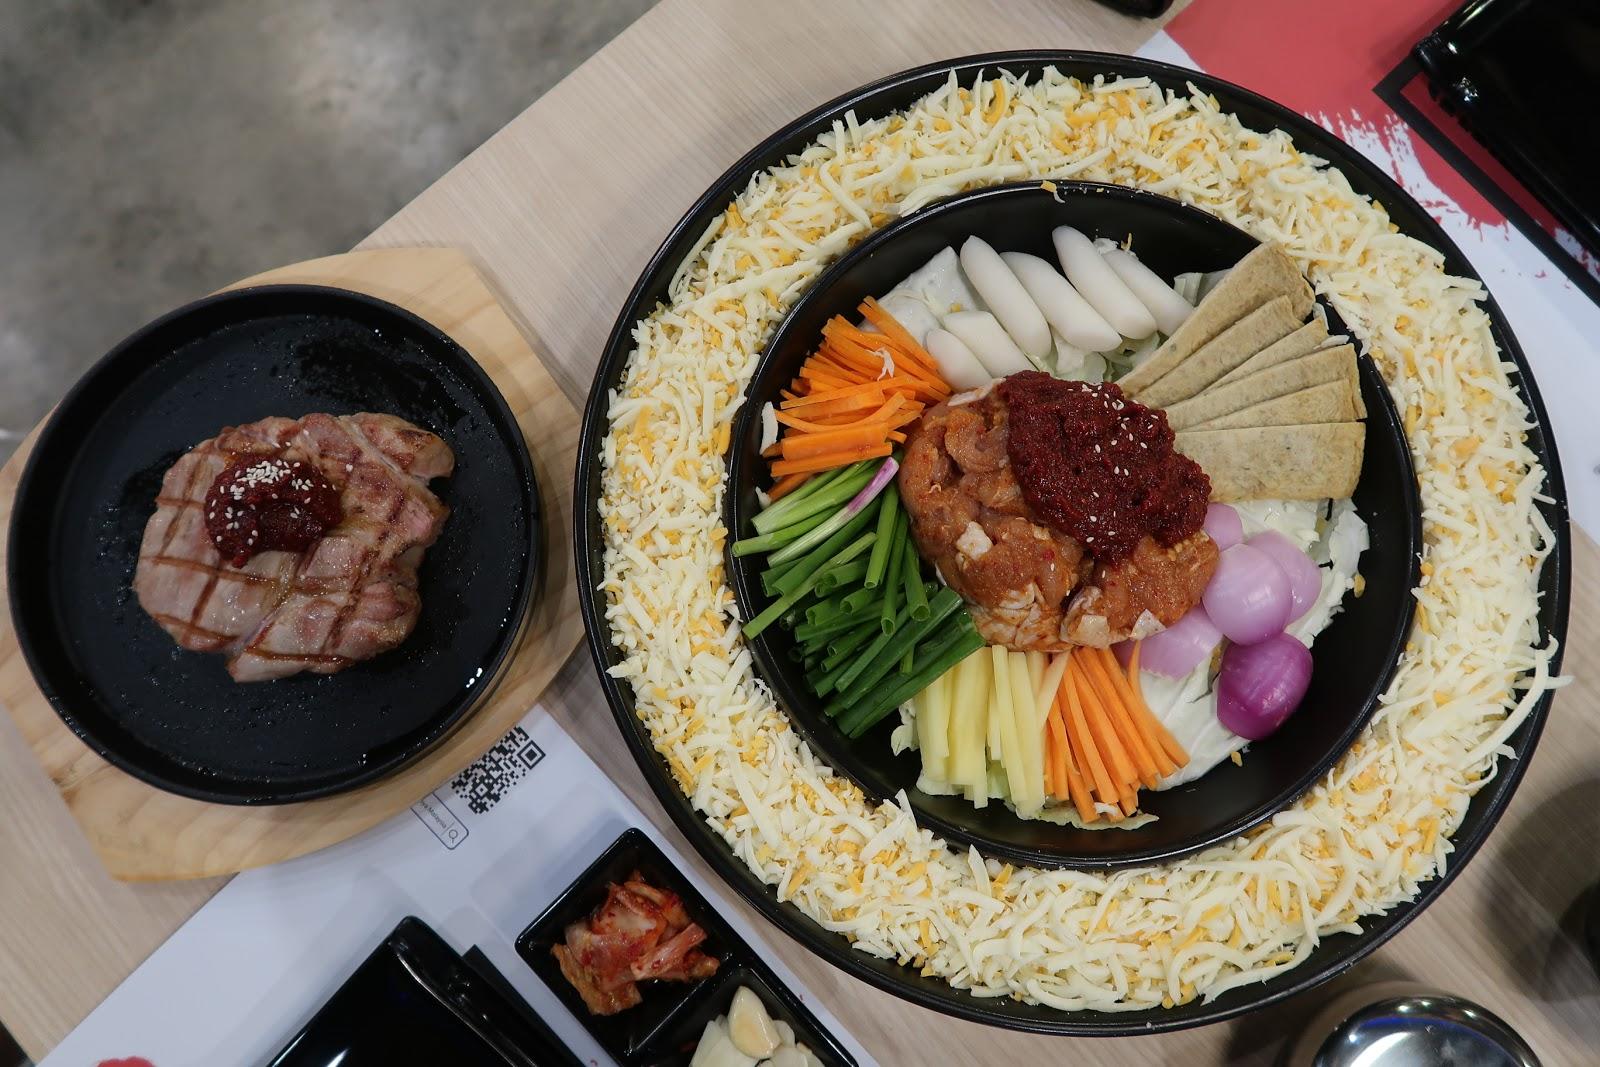 Kwang Soo Rm Eat Spicy Food